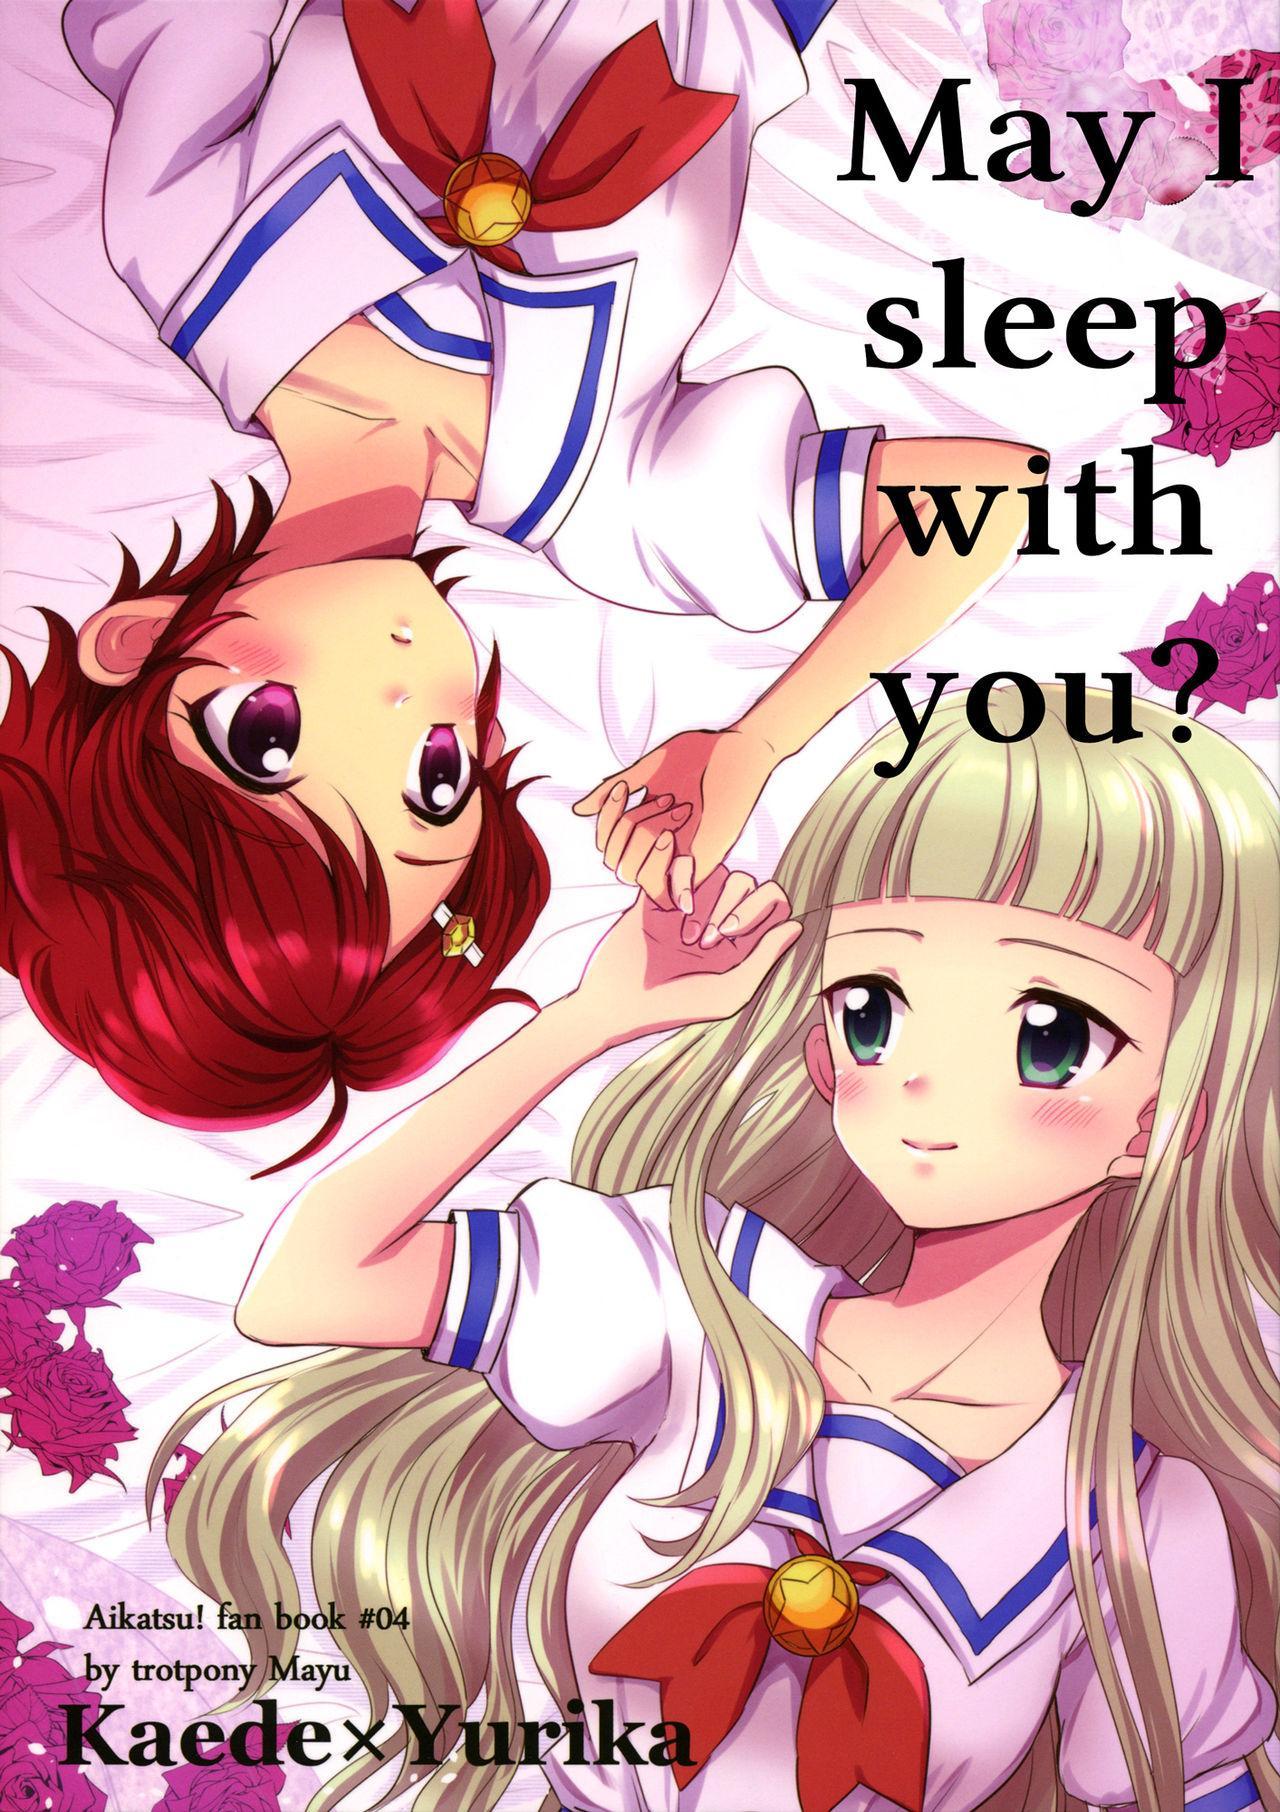 Issho ni Nete mo Ii desu ka? | May I sleep with you 0